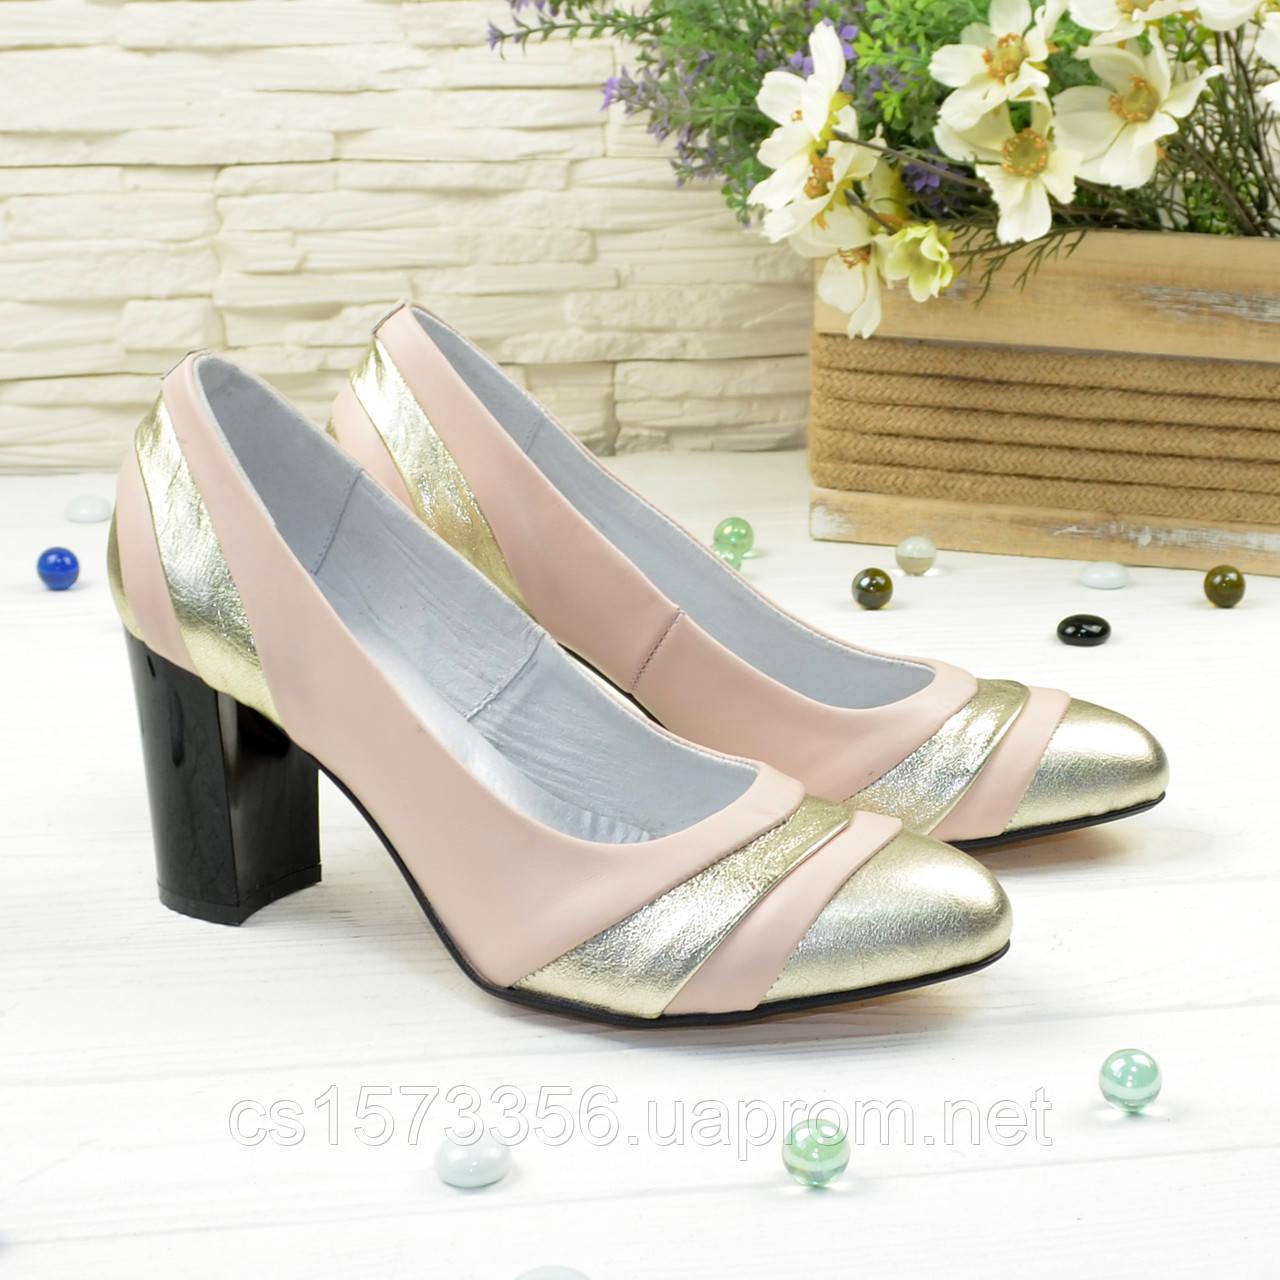 Туфли женские лаковые на высоком каблуке, цвет золото/пудра